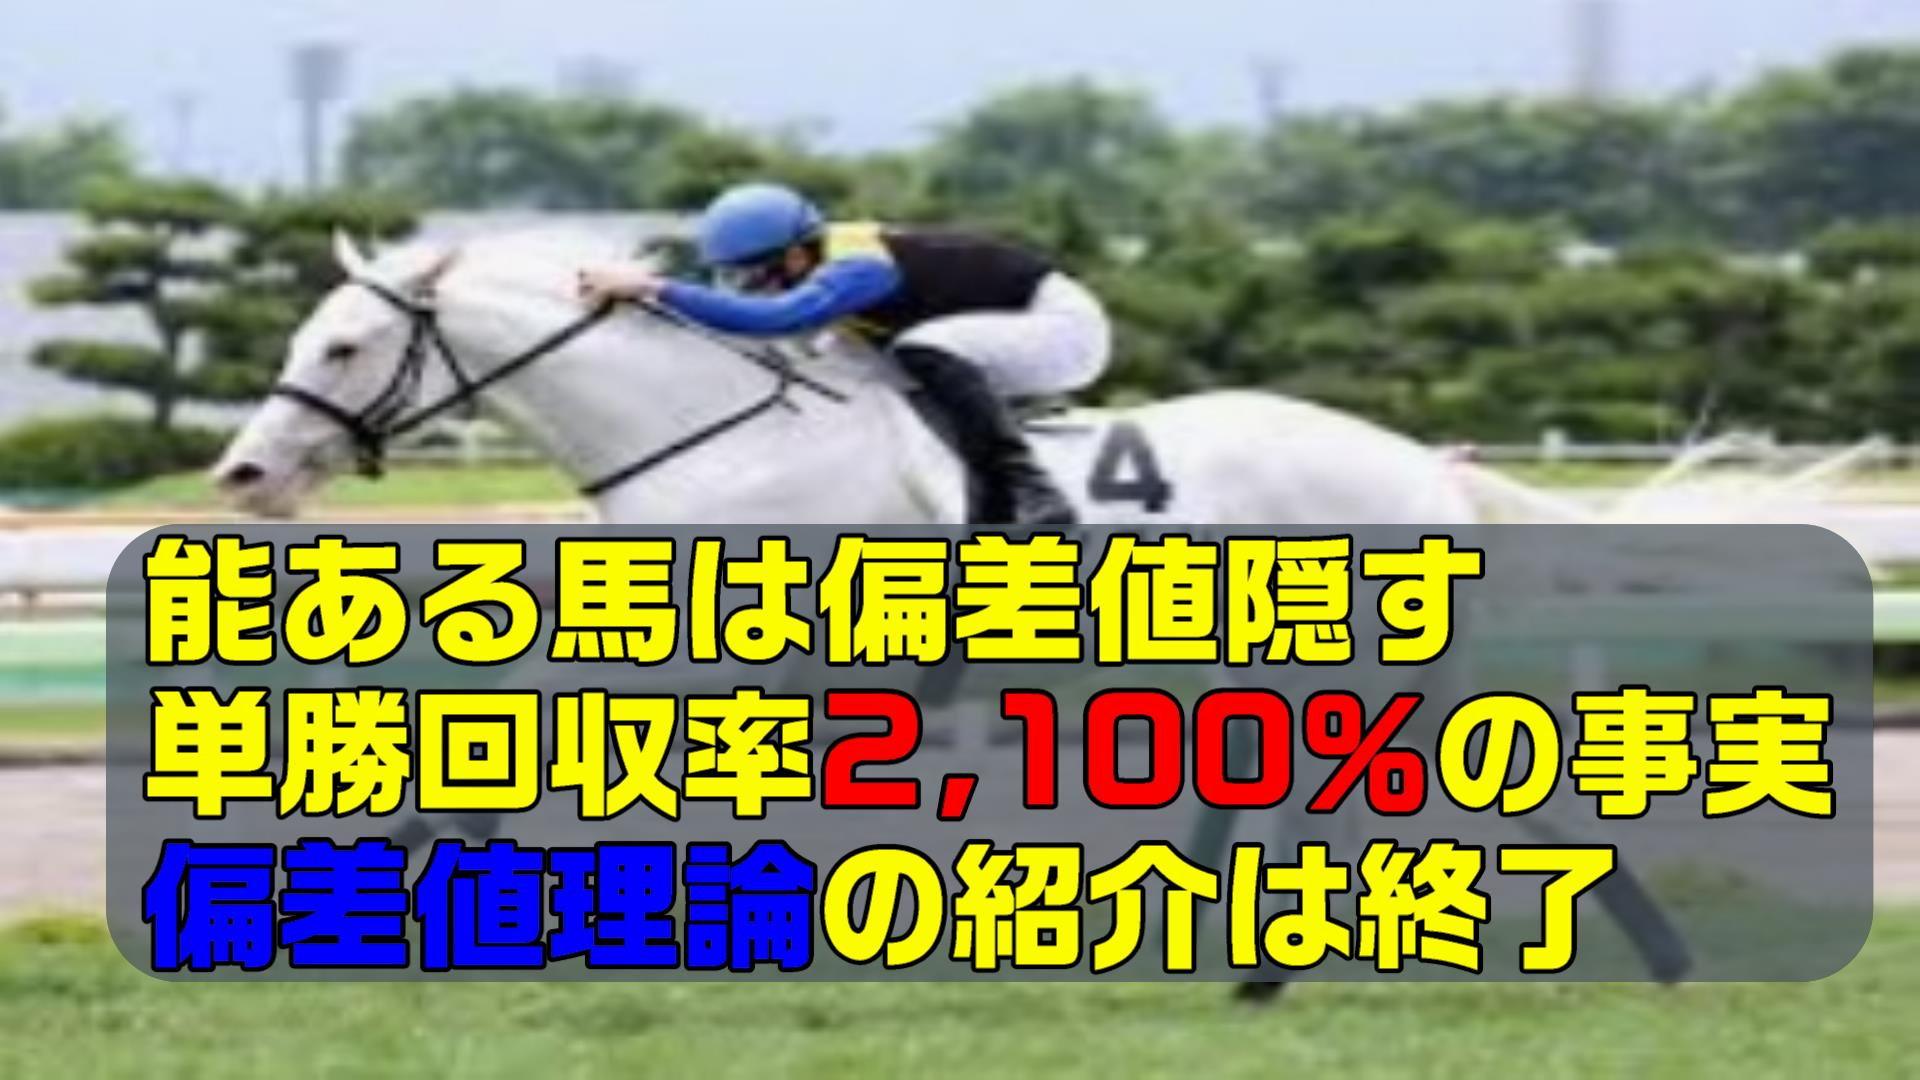 【競馬 データ分析】独自指数と、偏差値で万馬券が来た